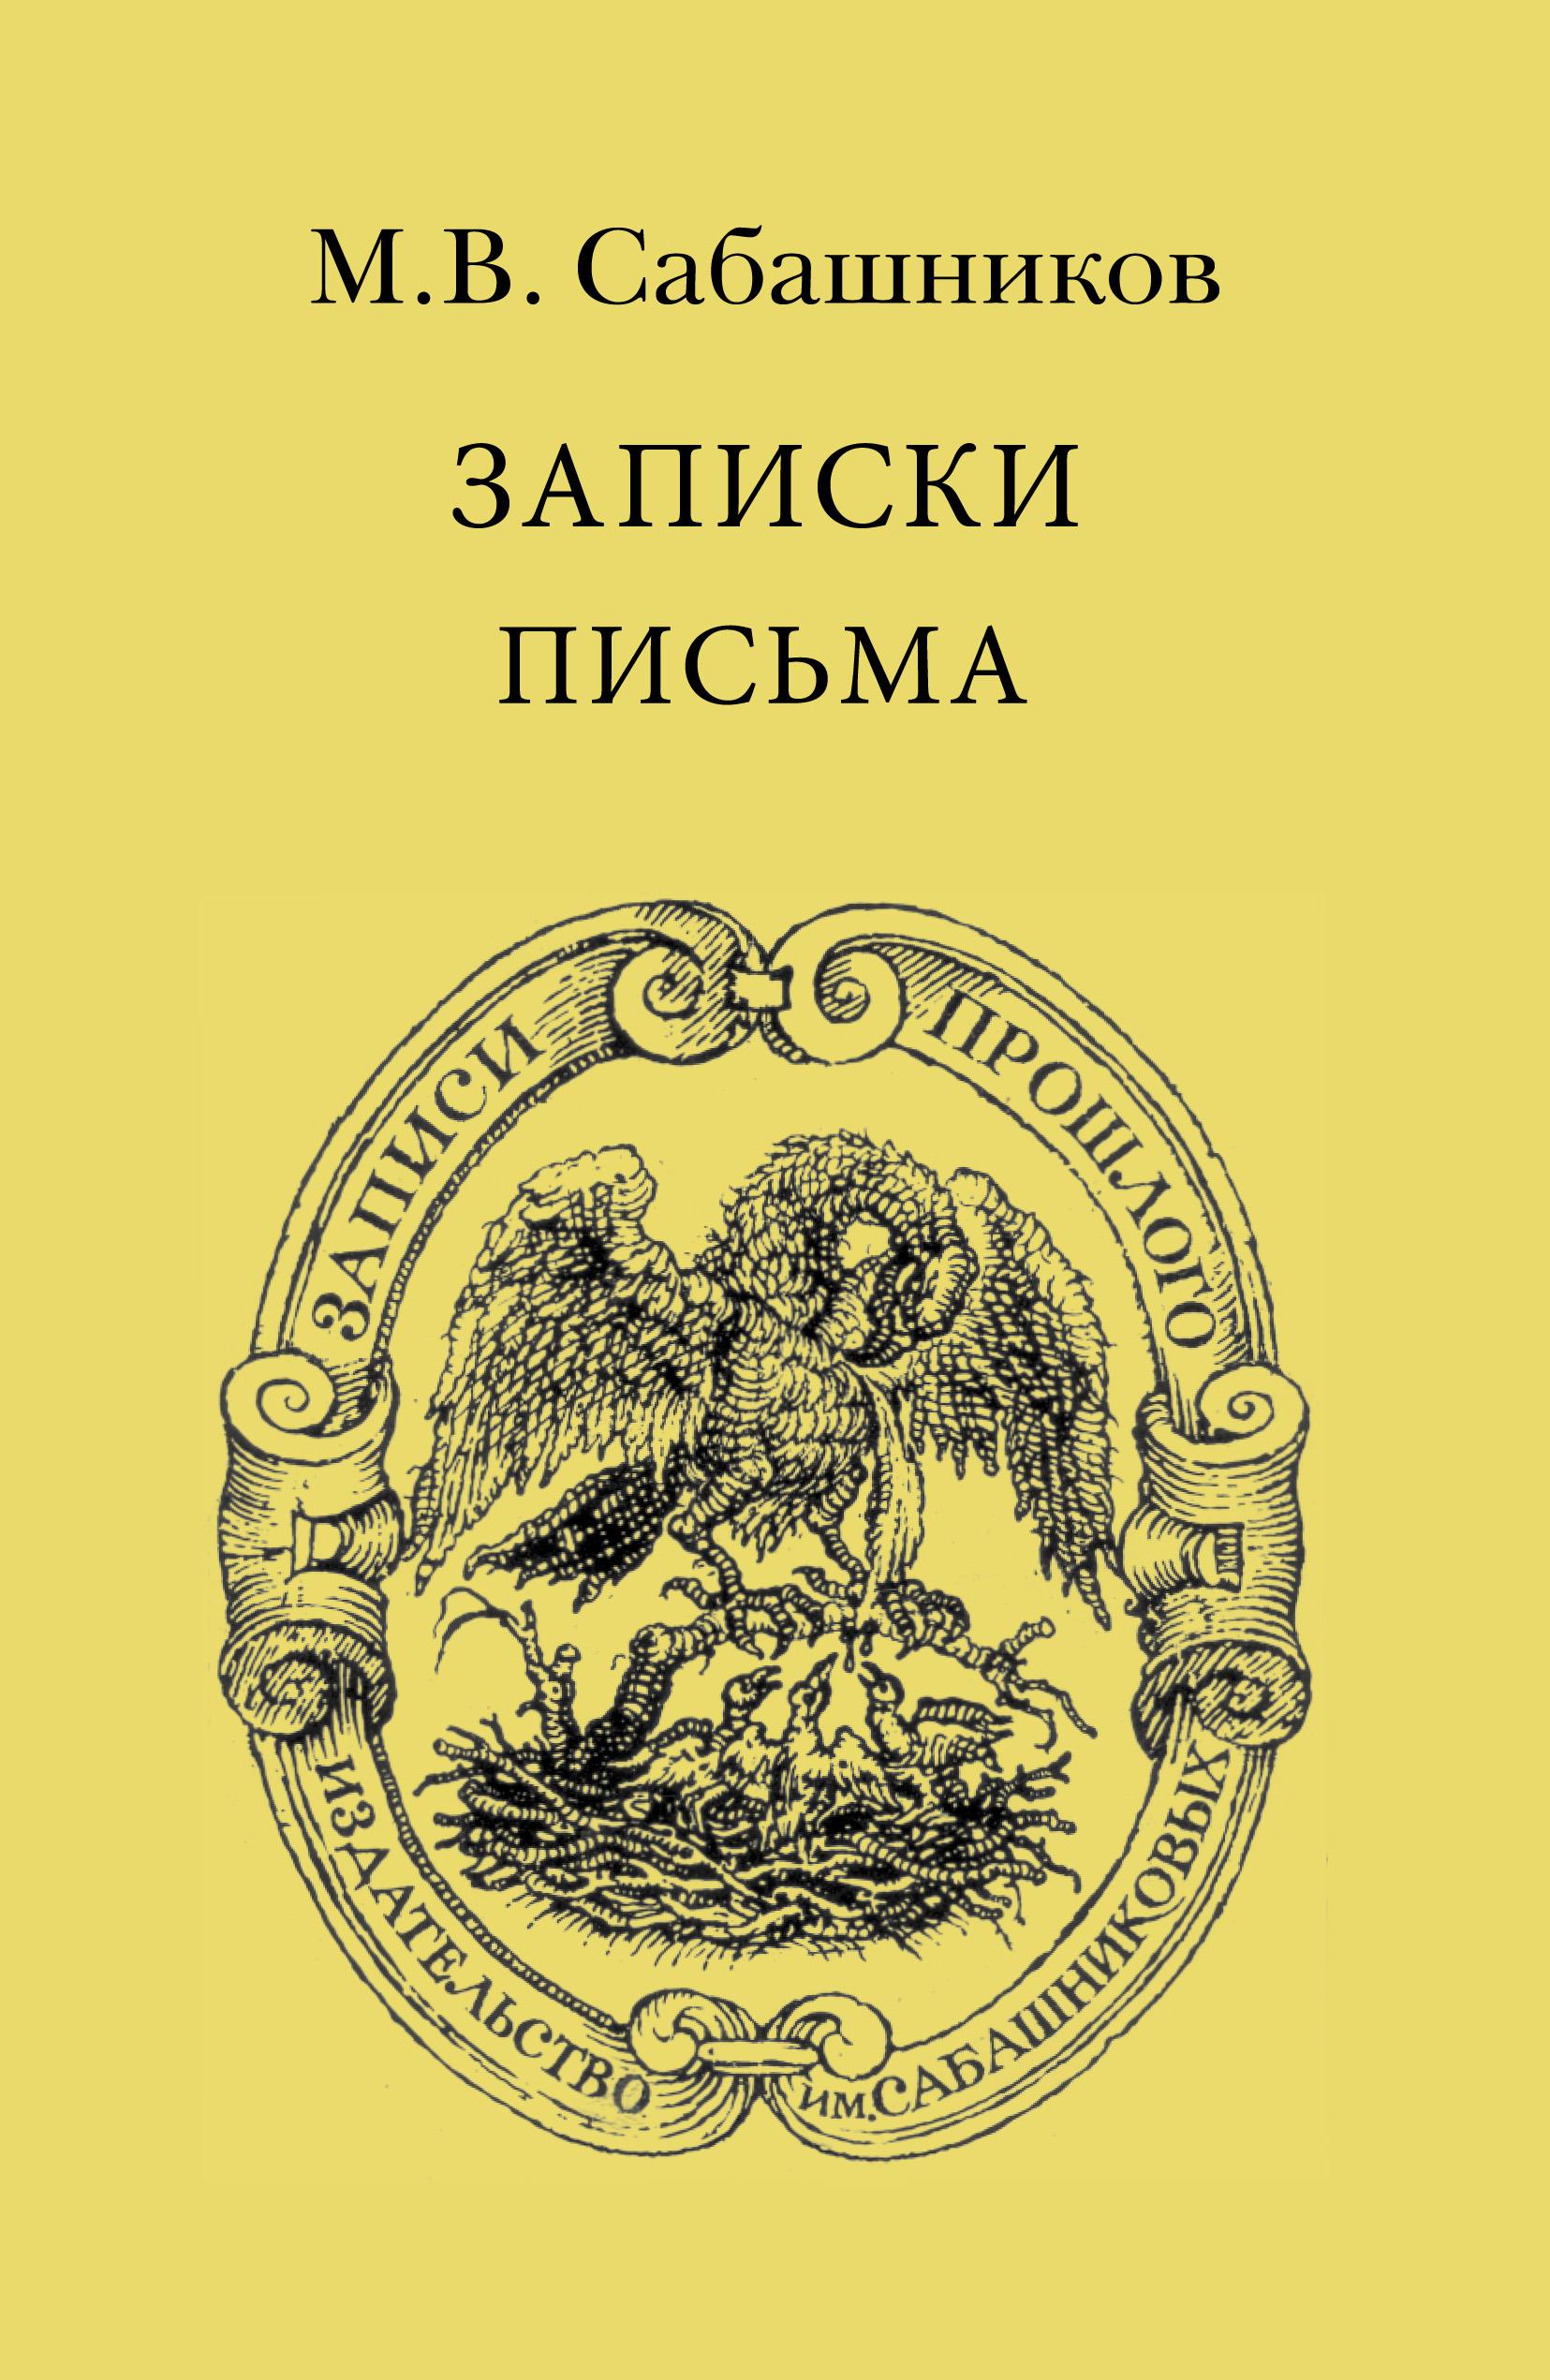 М. В. Сабашников Записки. Письма